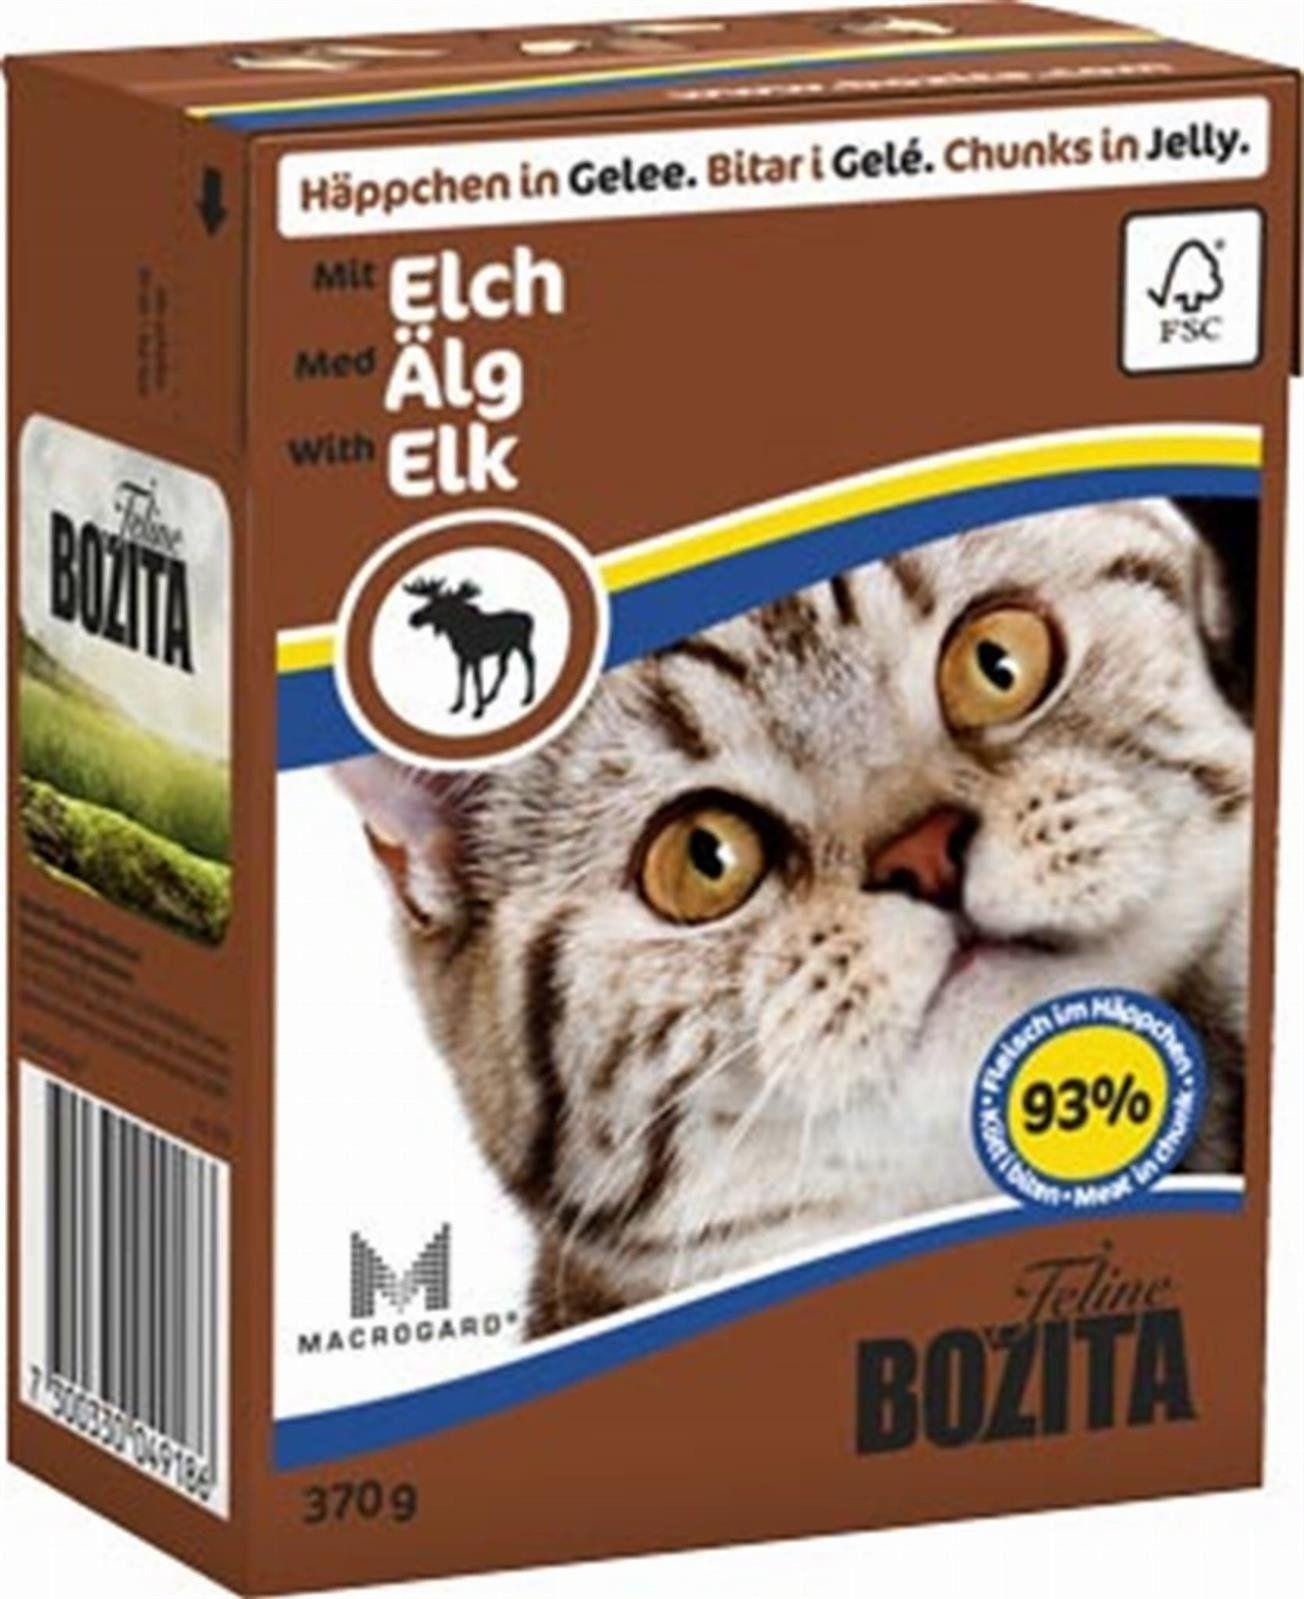 Bozita Feline 370g Łoś w Galaretce